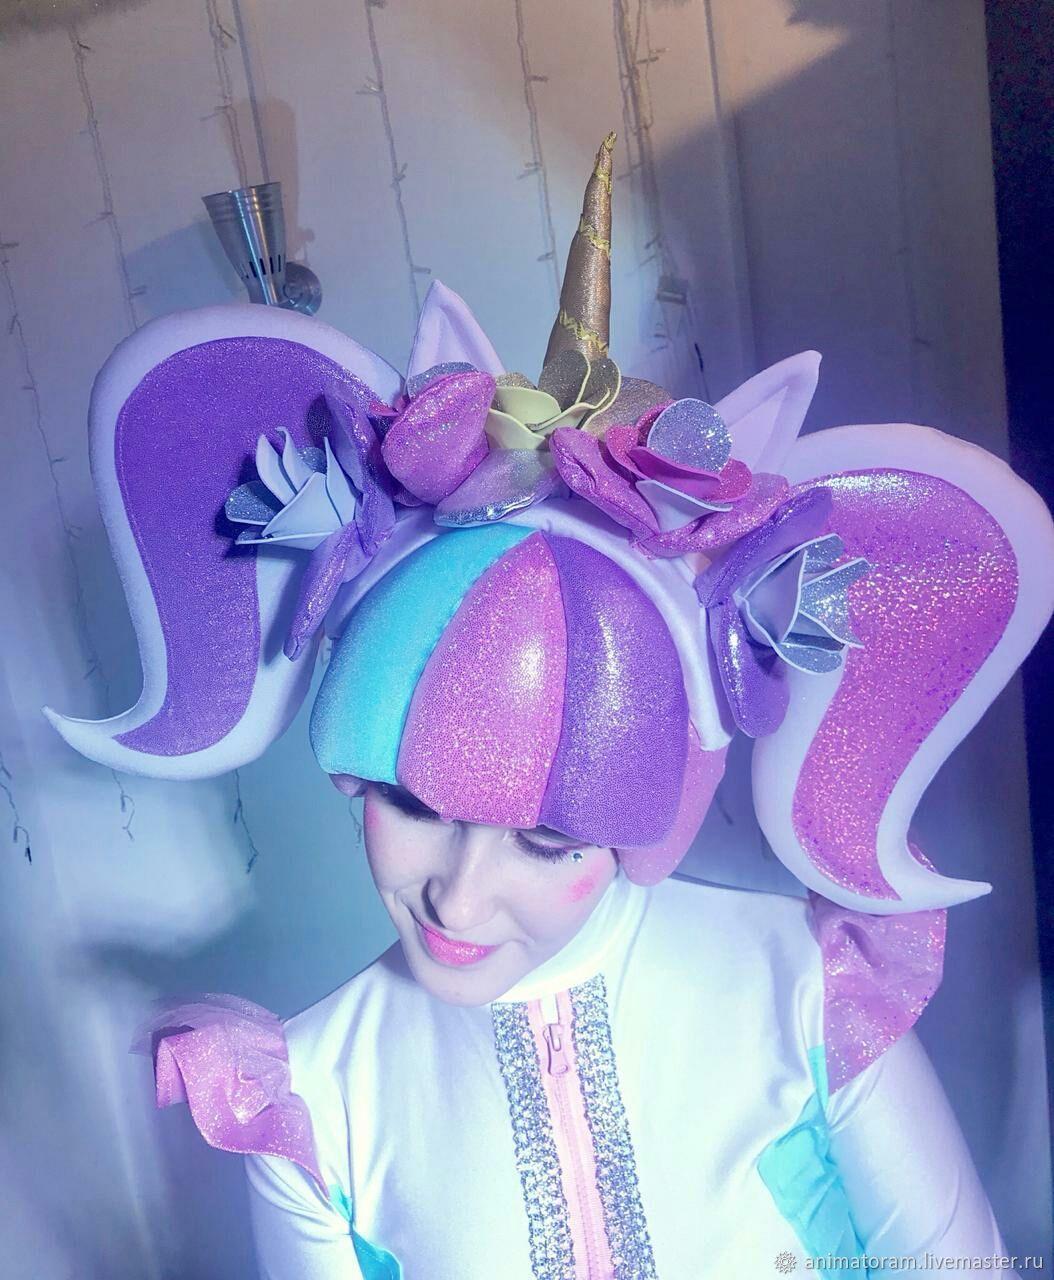 Костюм кукла лол для аниматоров единорог Единорожка, Костюмы, Киев,  Фото №1